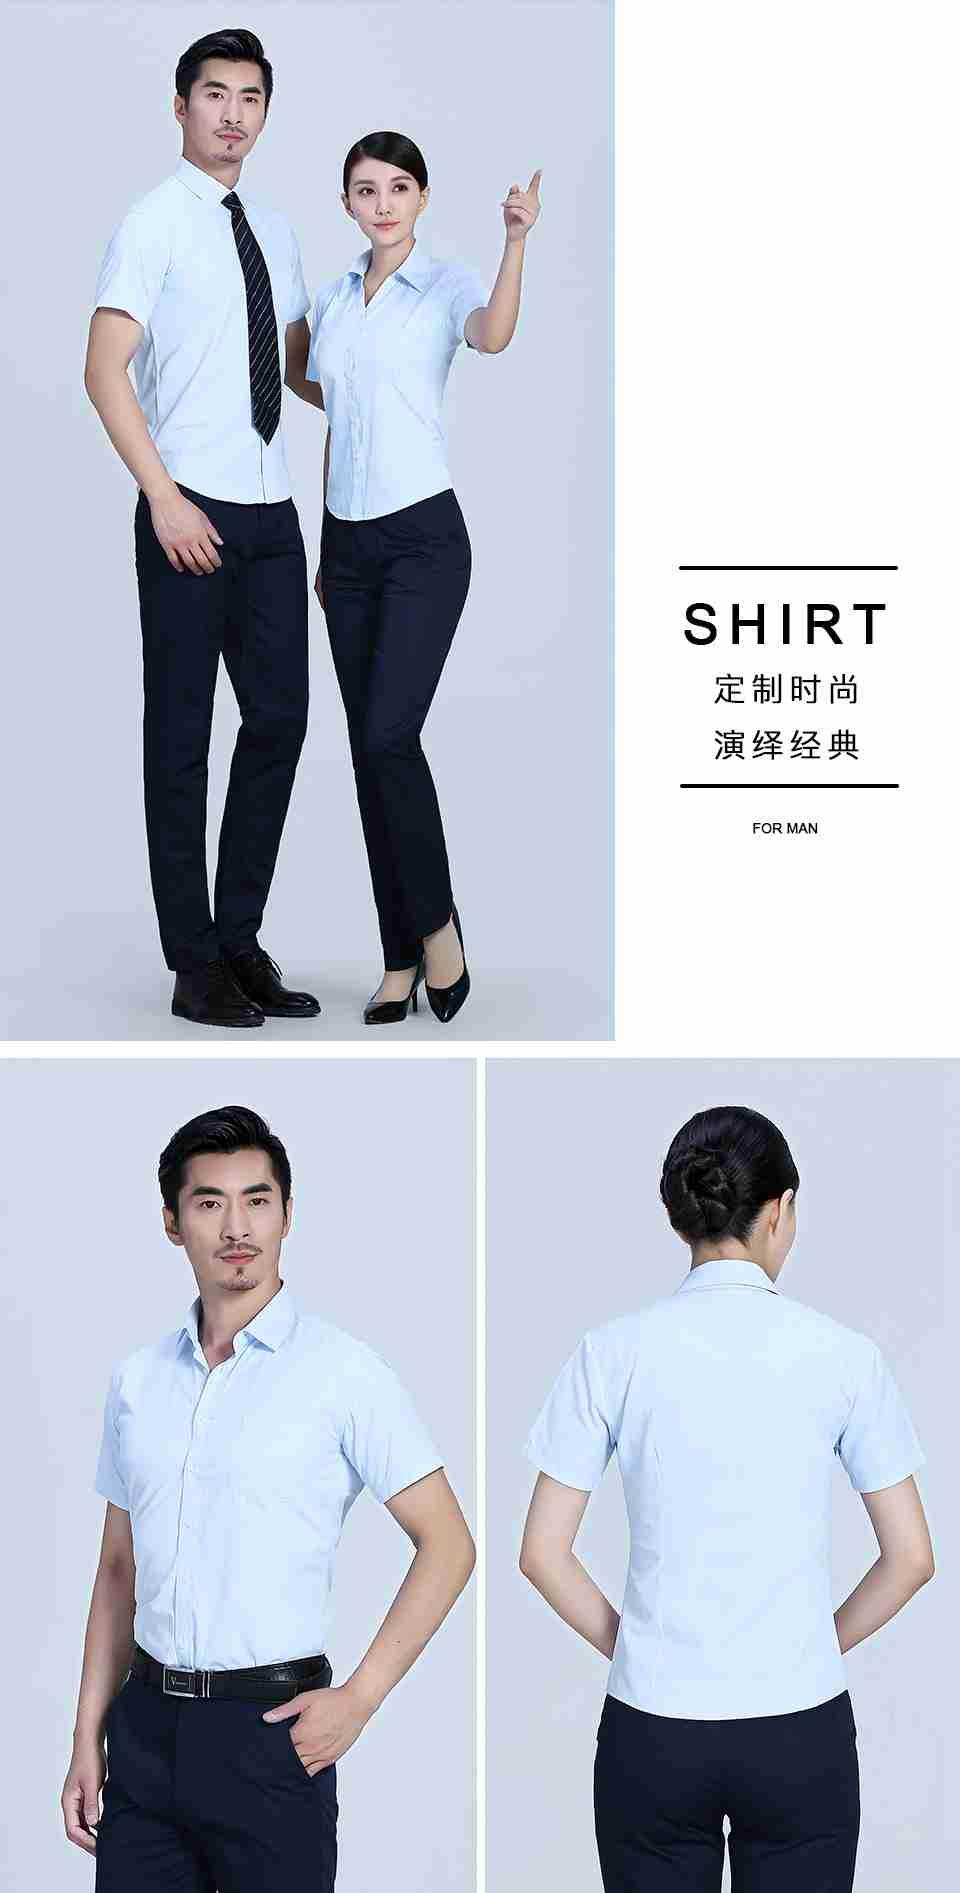 2019新款浅蓝商务短袖衬衫